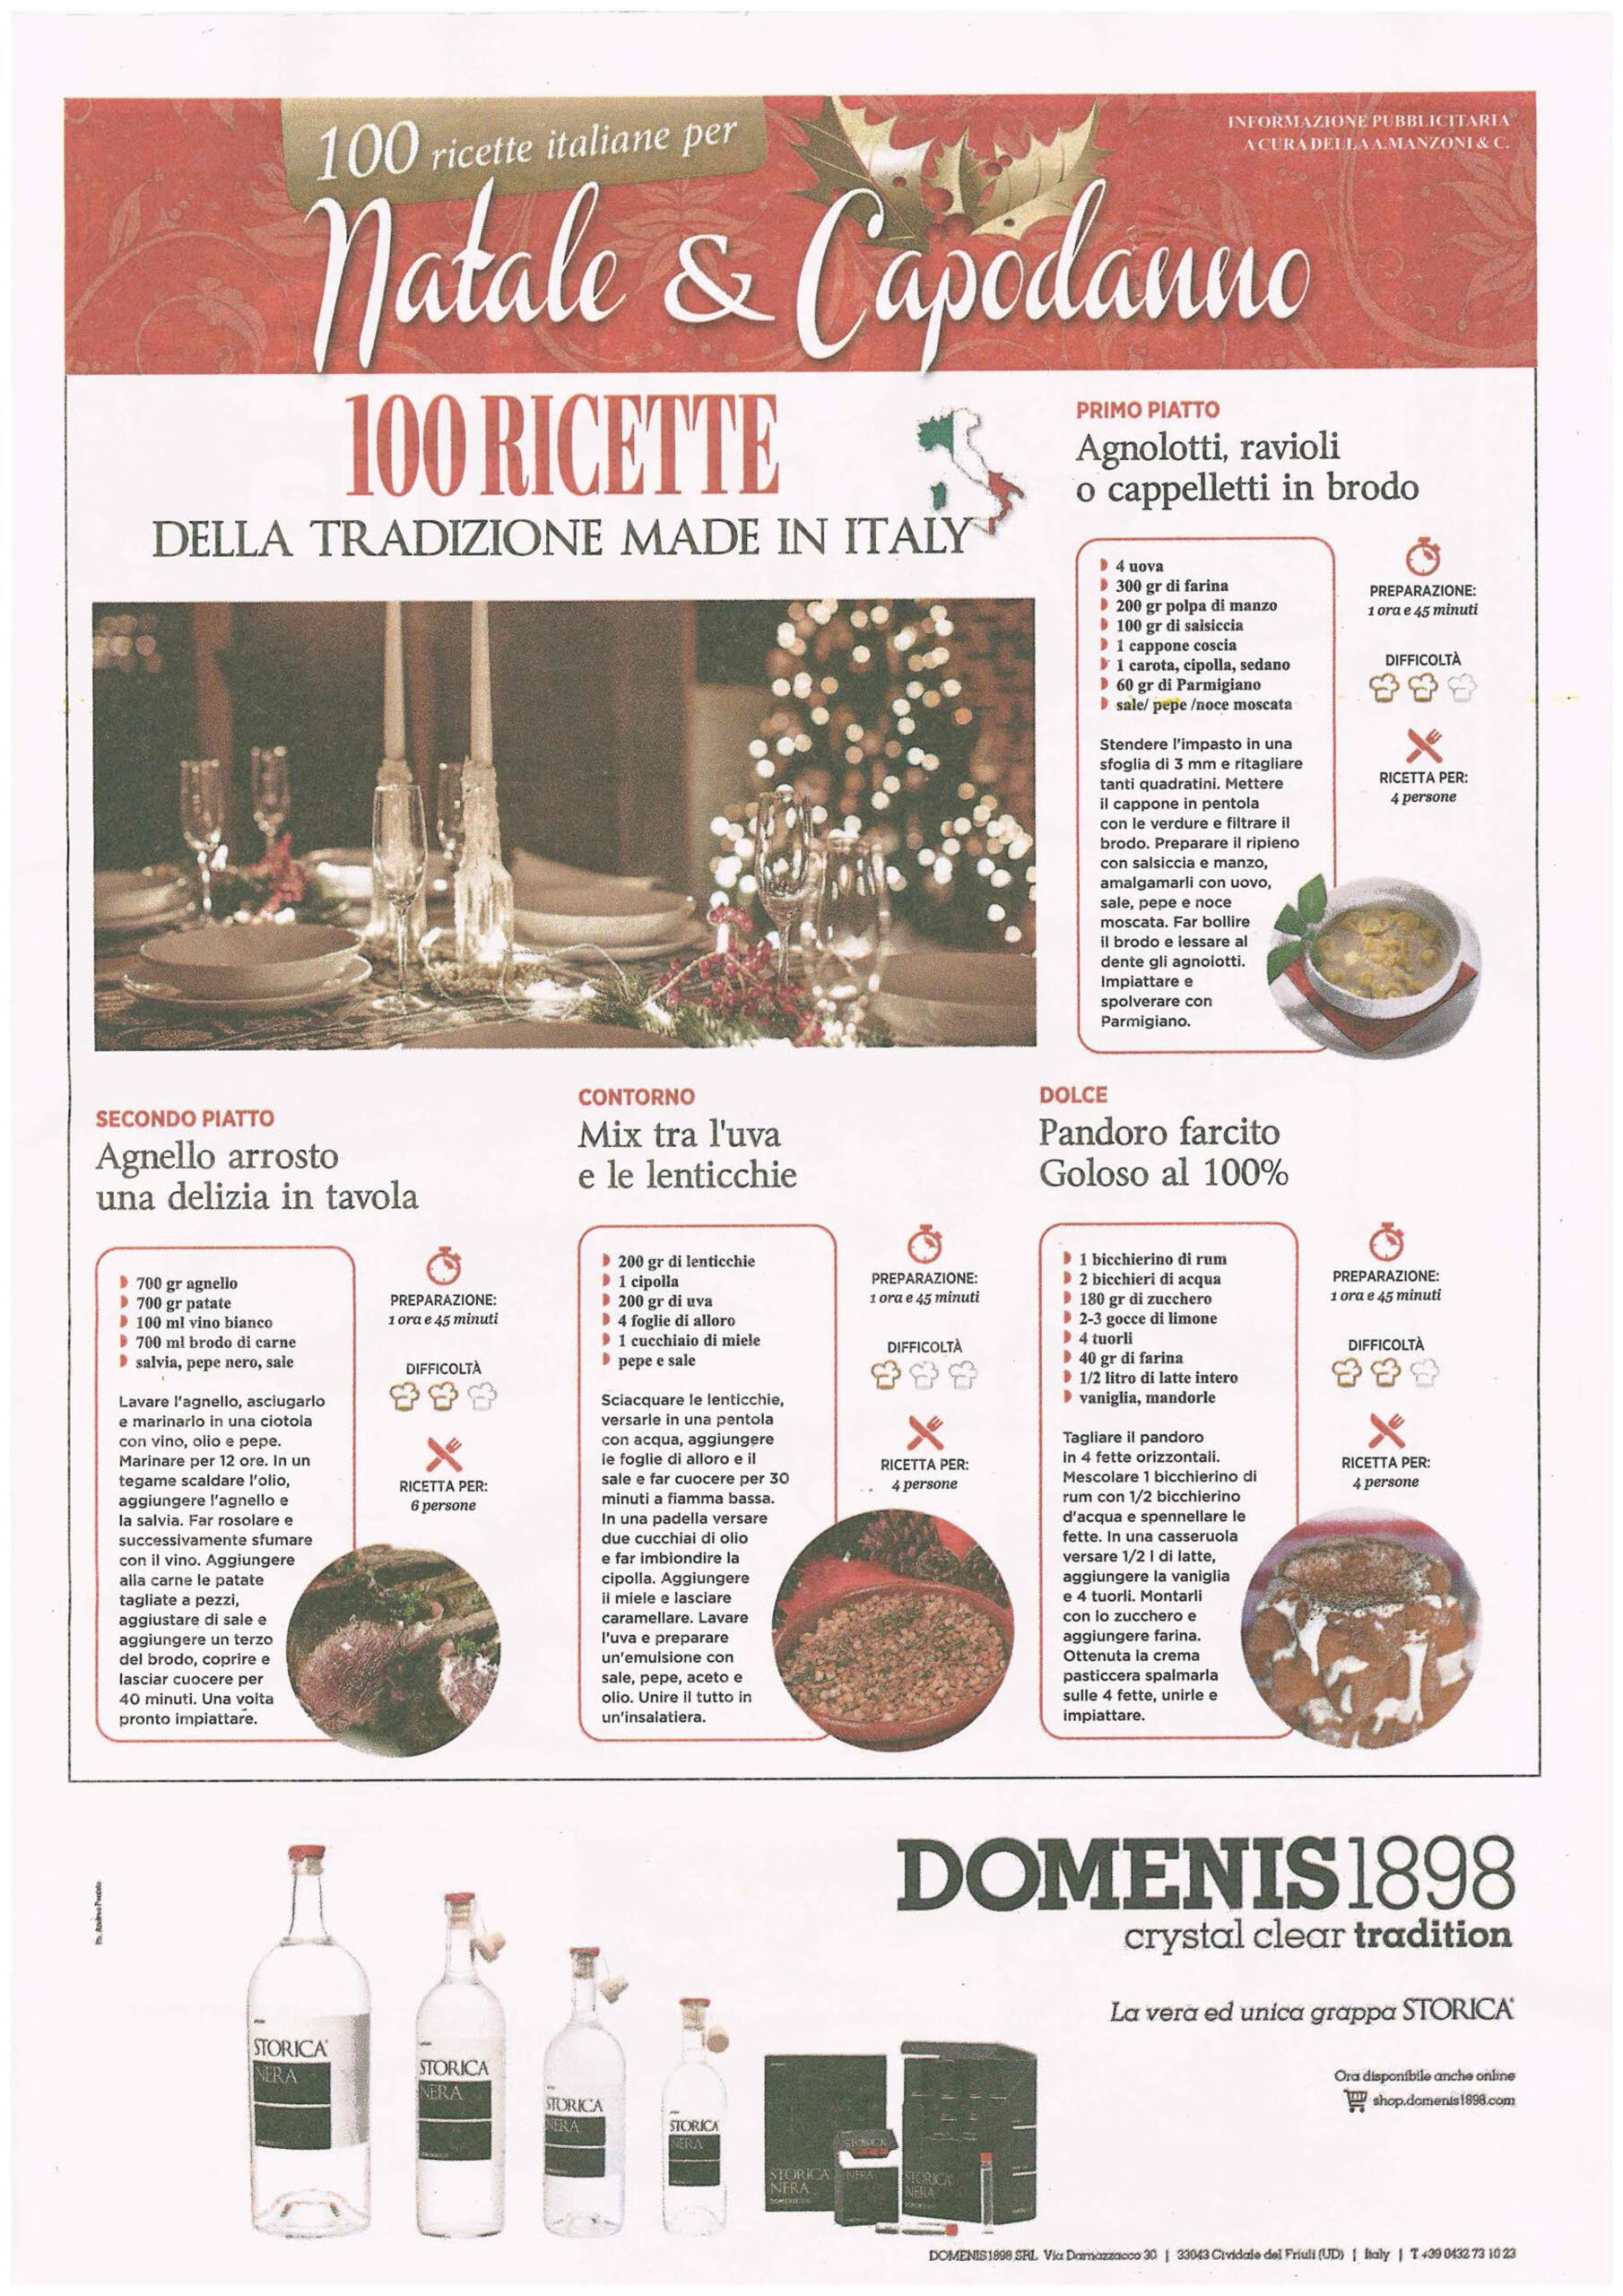 2020 dicembre 16: Messaggero Veneto – 100 Ricette italiane per Natale & Capodanno